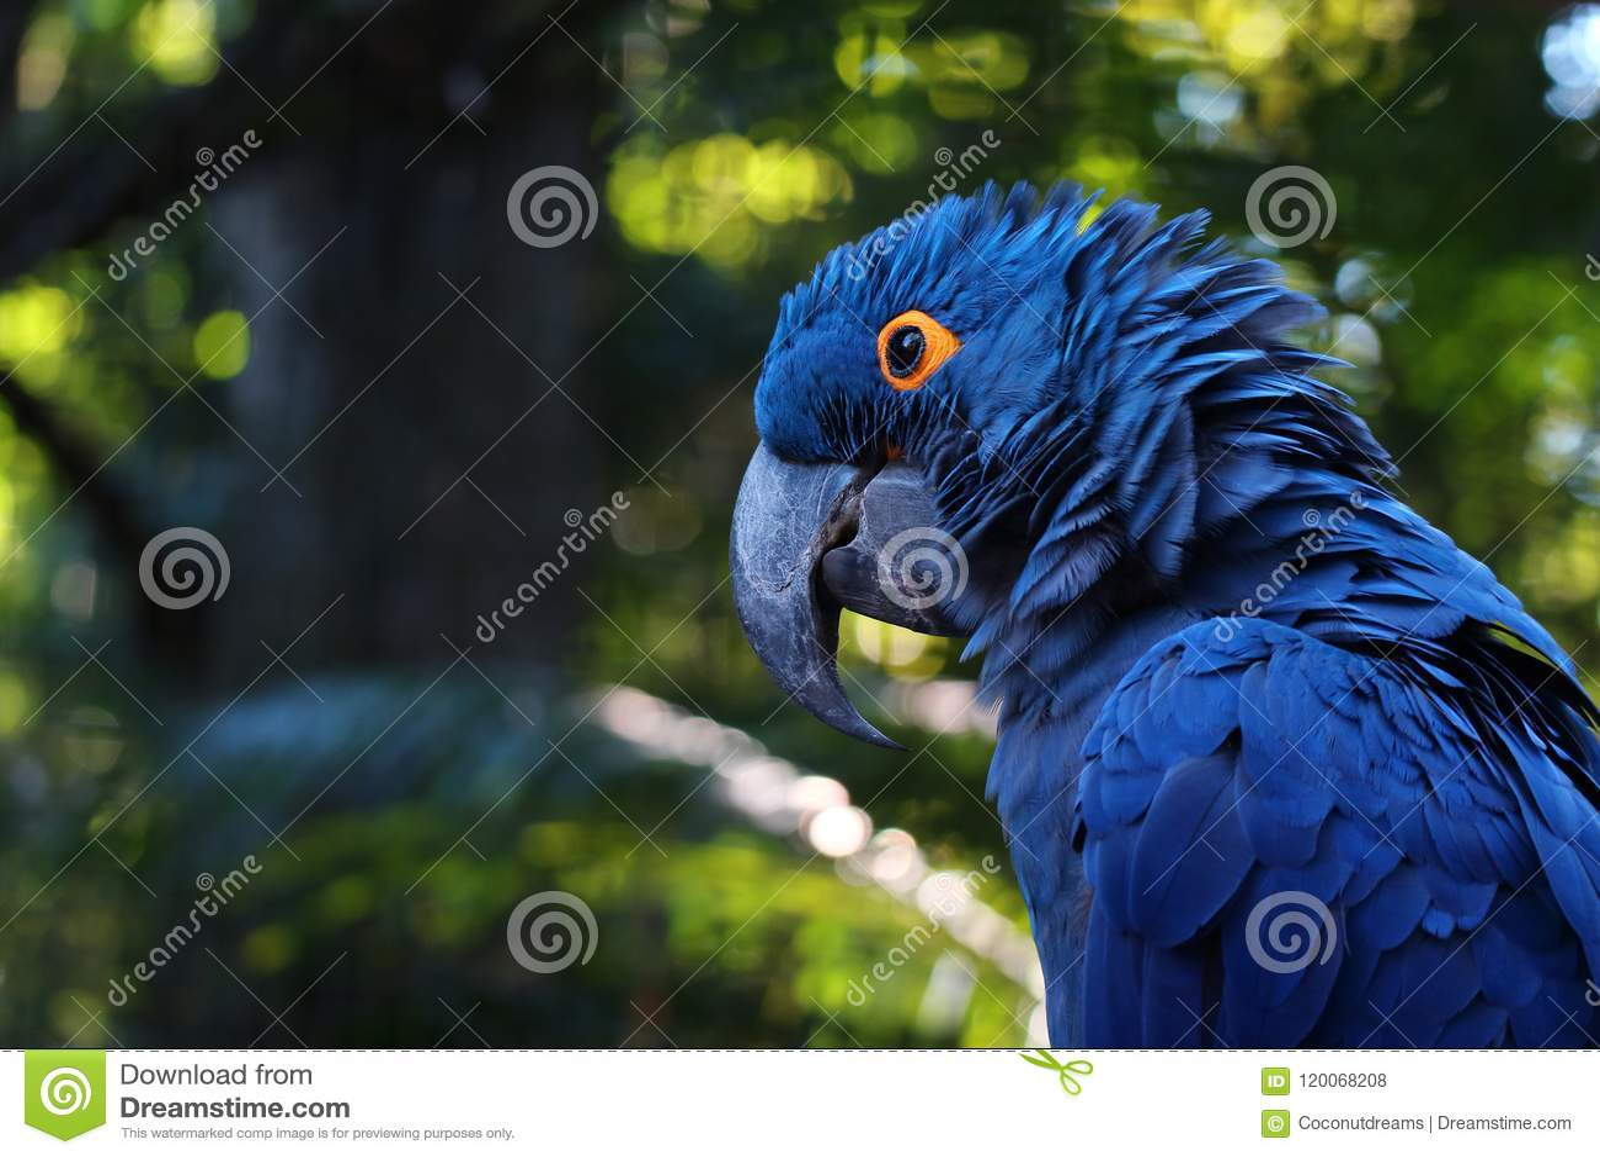 Fermez-vous de Hyacinth Macaw bleu vif, portrait bleu de perroquet avec le fond brouillé